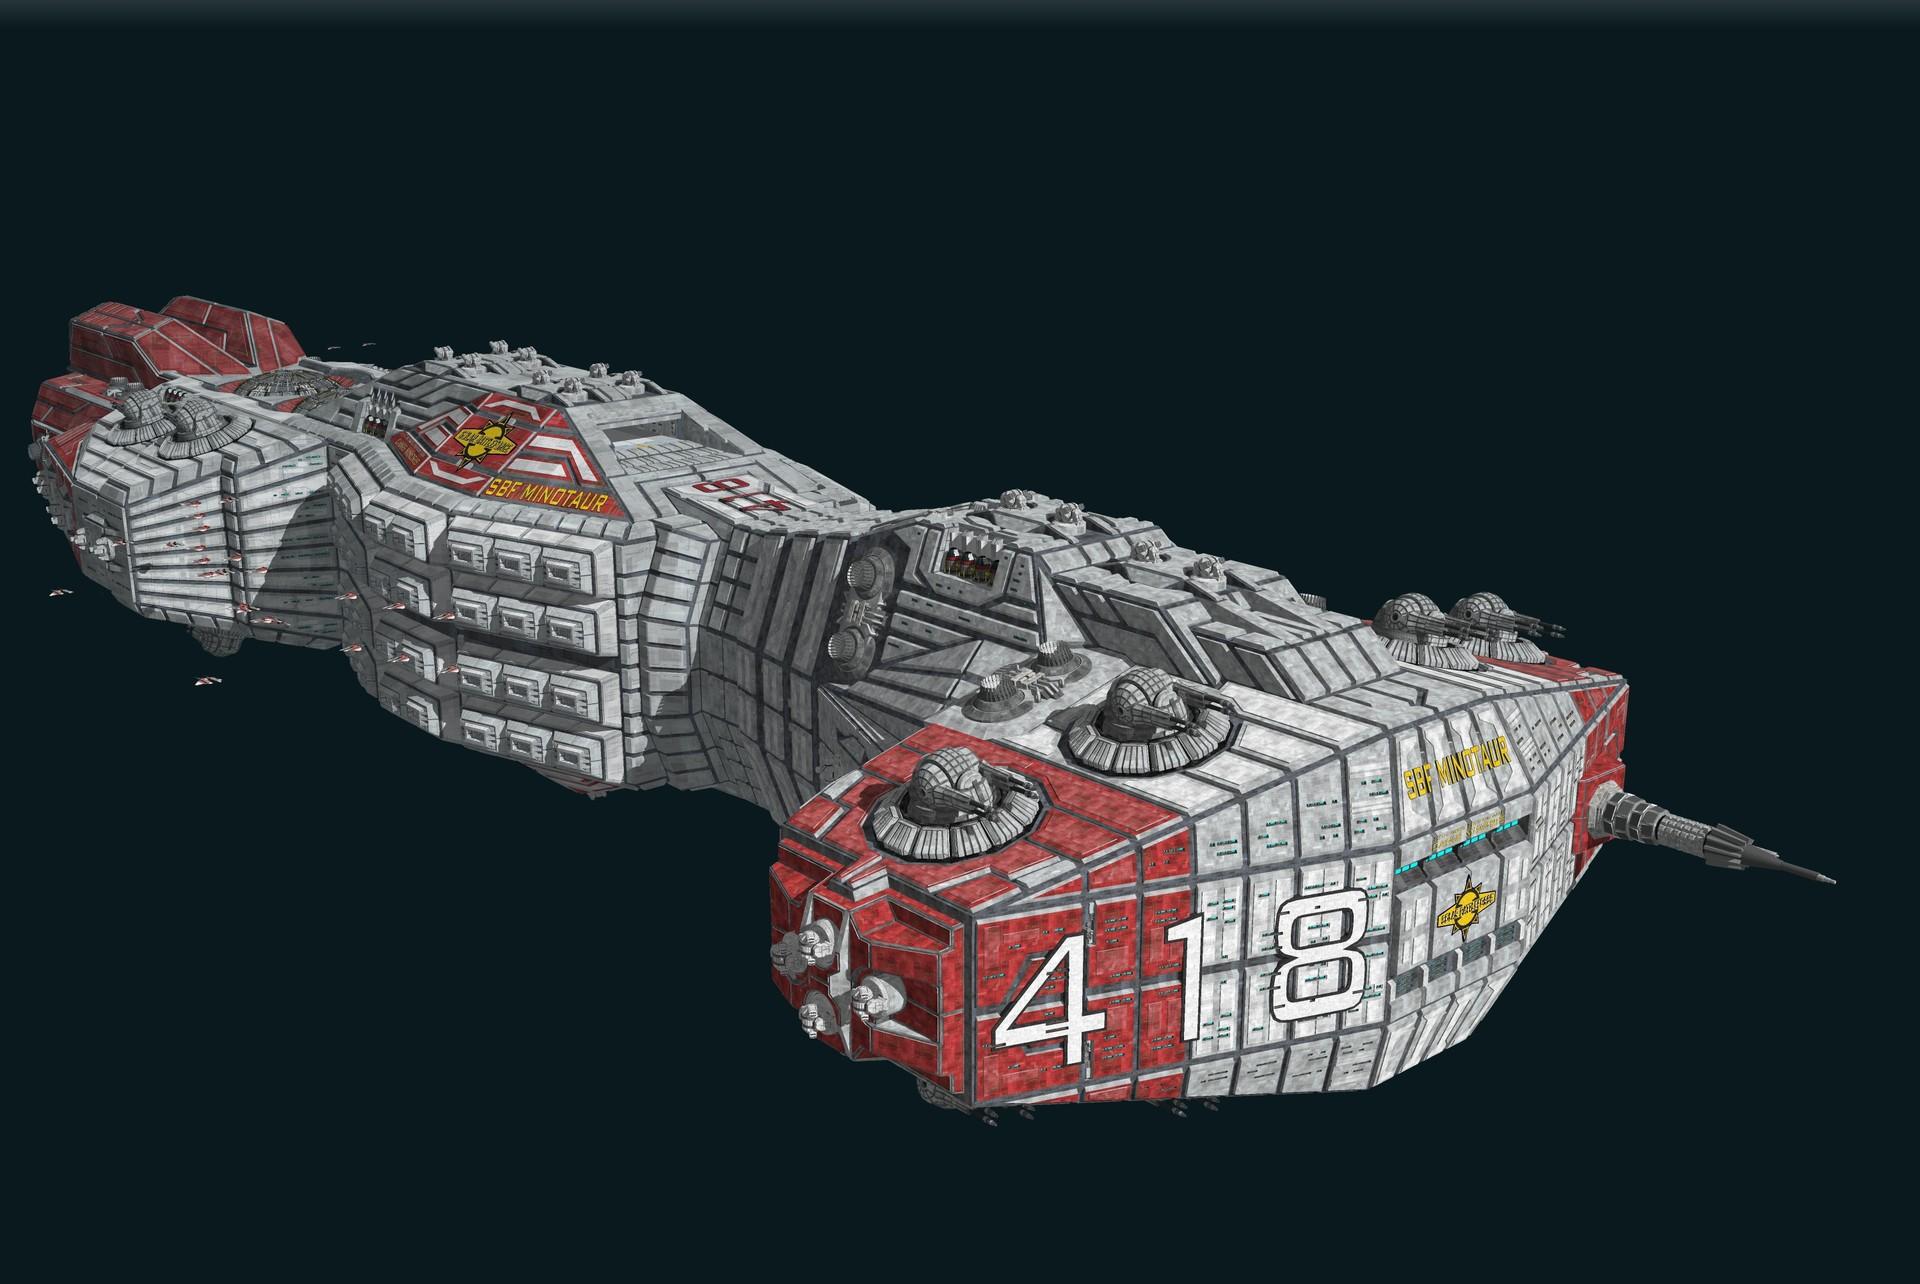 Joachim sverd carrier strike ship19